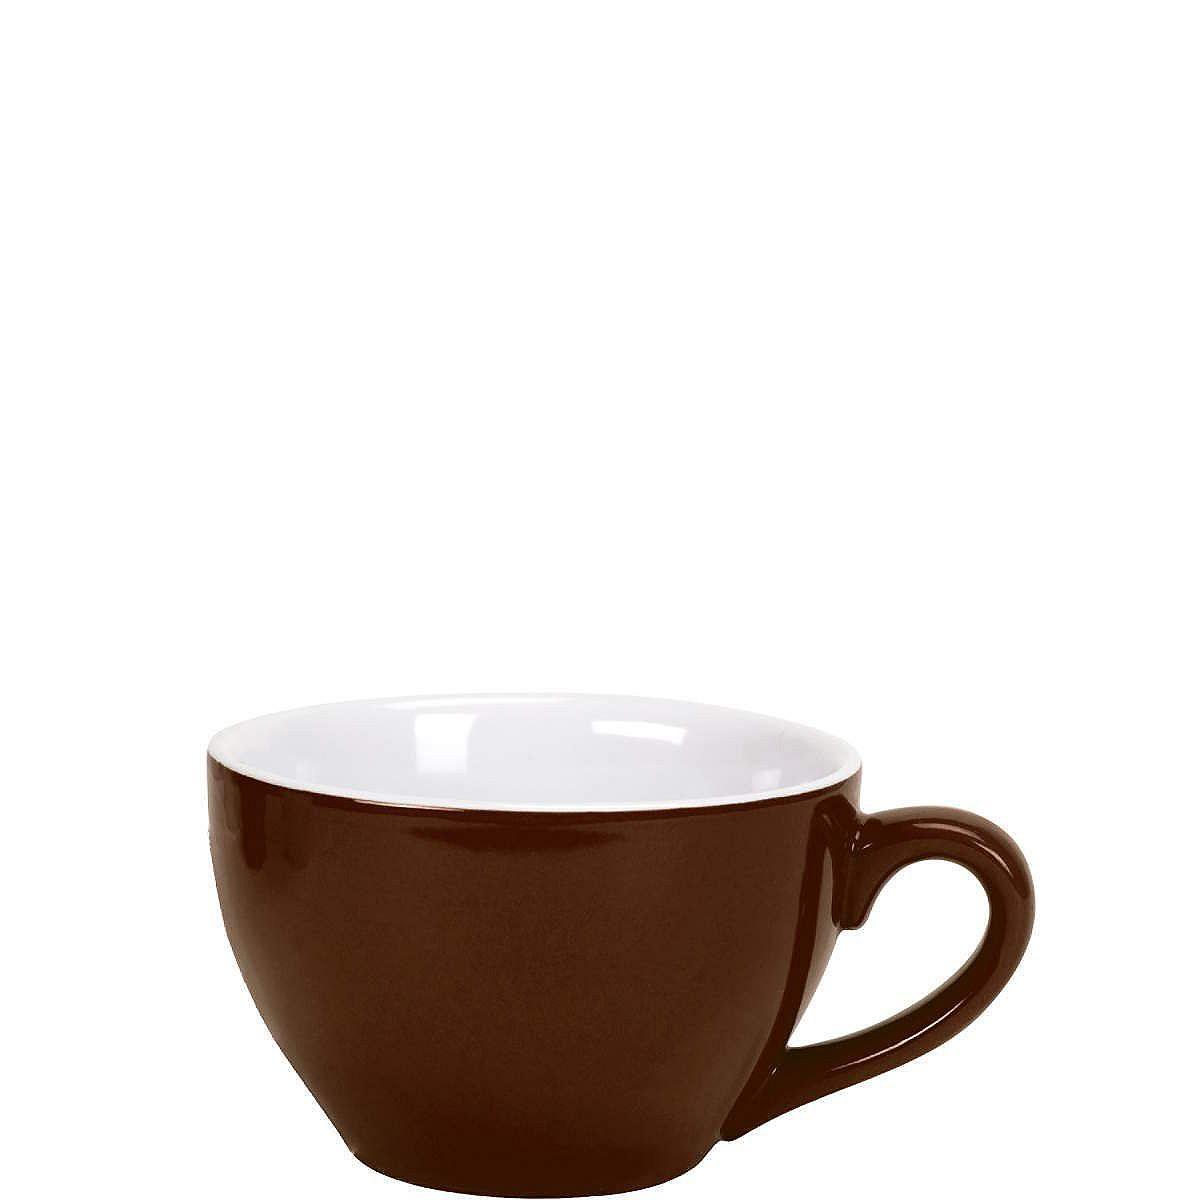 MIX IT! Kaffeetasse    Die MIX IT! Kaffeetasse ist breit und hält 300ml. In verschiedenen Farben erhältlich. Mix it! steht für ein buntes Programm und die junge Lust auf Vielfalt und Farbe. Sie kombinieren nach Geschmack und bringen ordentlich Farbe ins Leben. Dabei bleiben keinerlei Wünsche offen, weil vom Geschirr über Tischwäsche und Servietten bis zum Küchentuch bei Mix it! alles dabei ist....